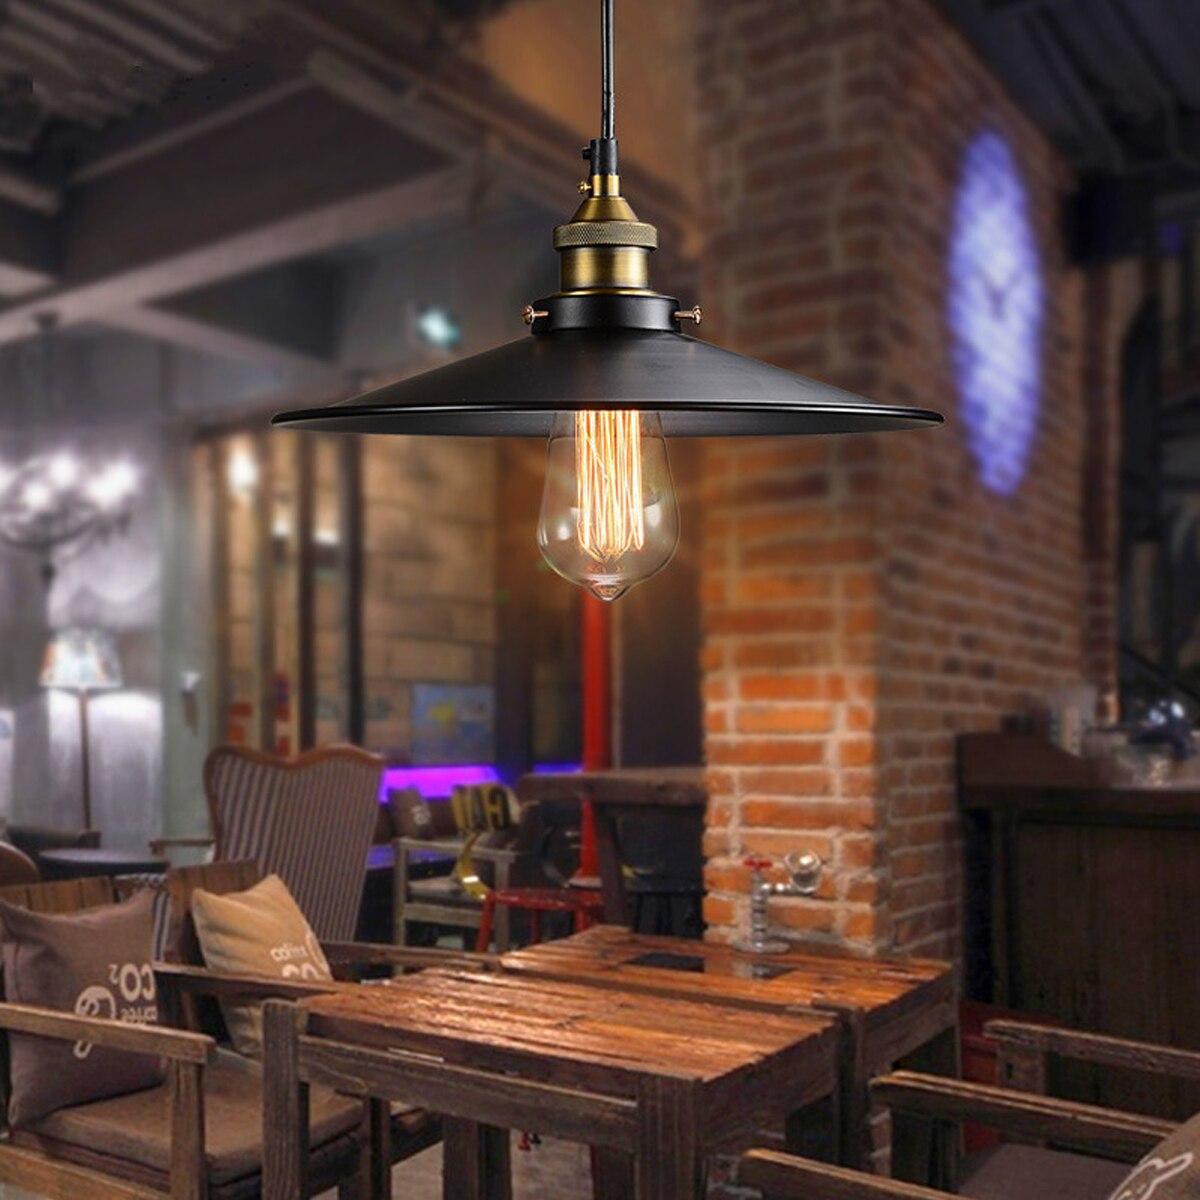 cheapest 5pcs lot RGB LED Spotlight Surface 3W Mini led spot light ceiling Down lighting Dimmable Cabinet  Lamp Closet bulb AC85-265V